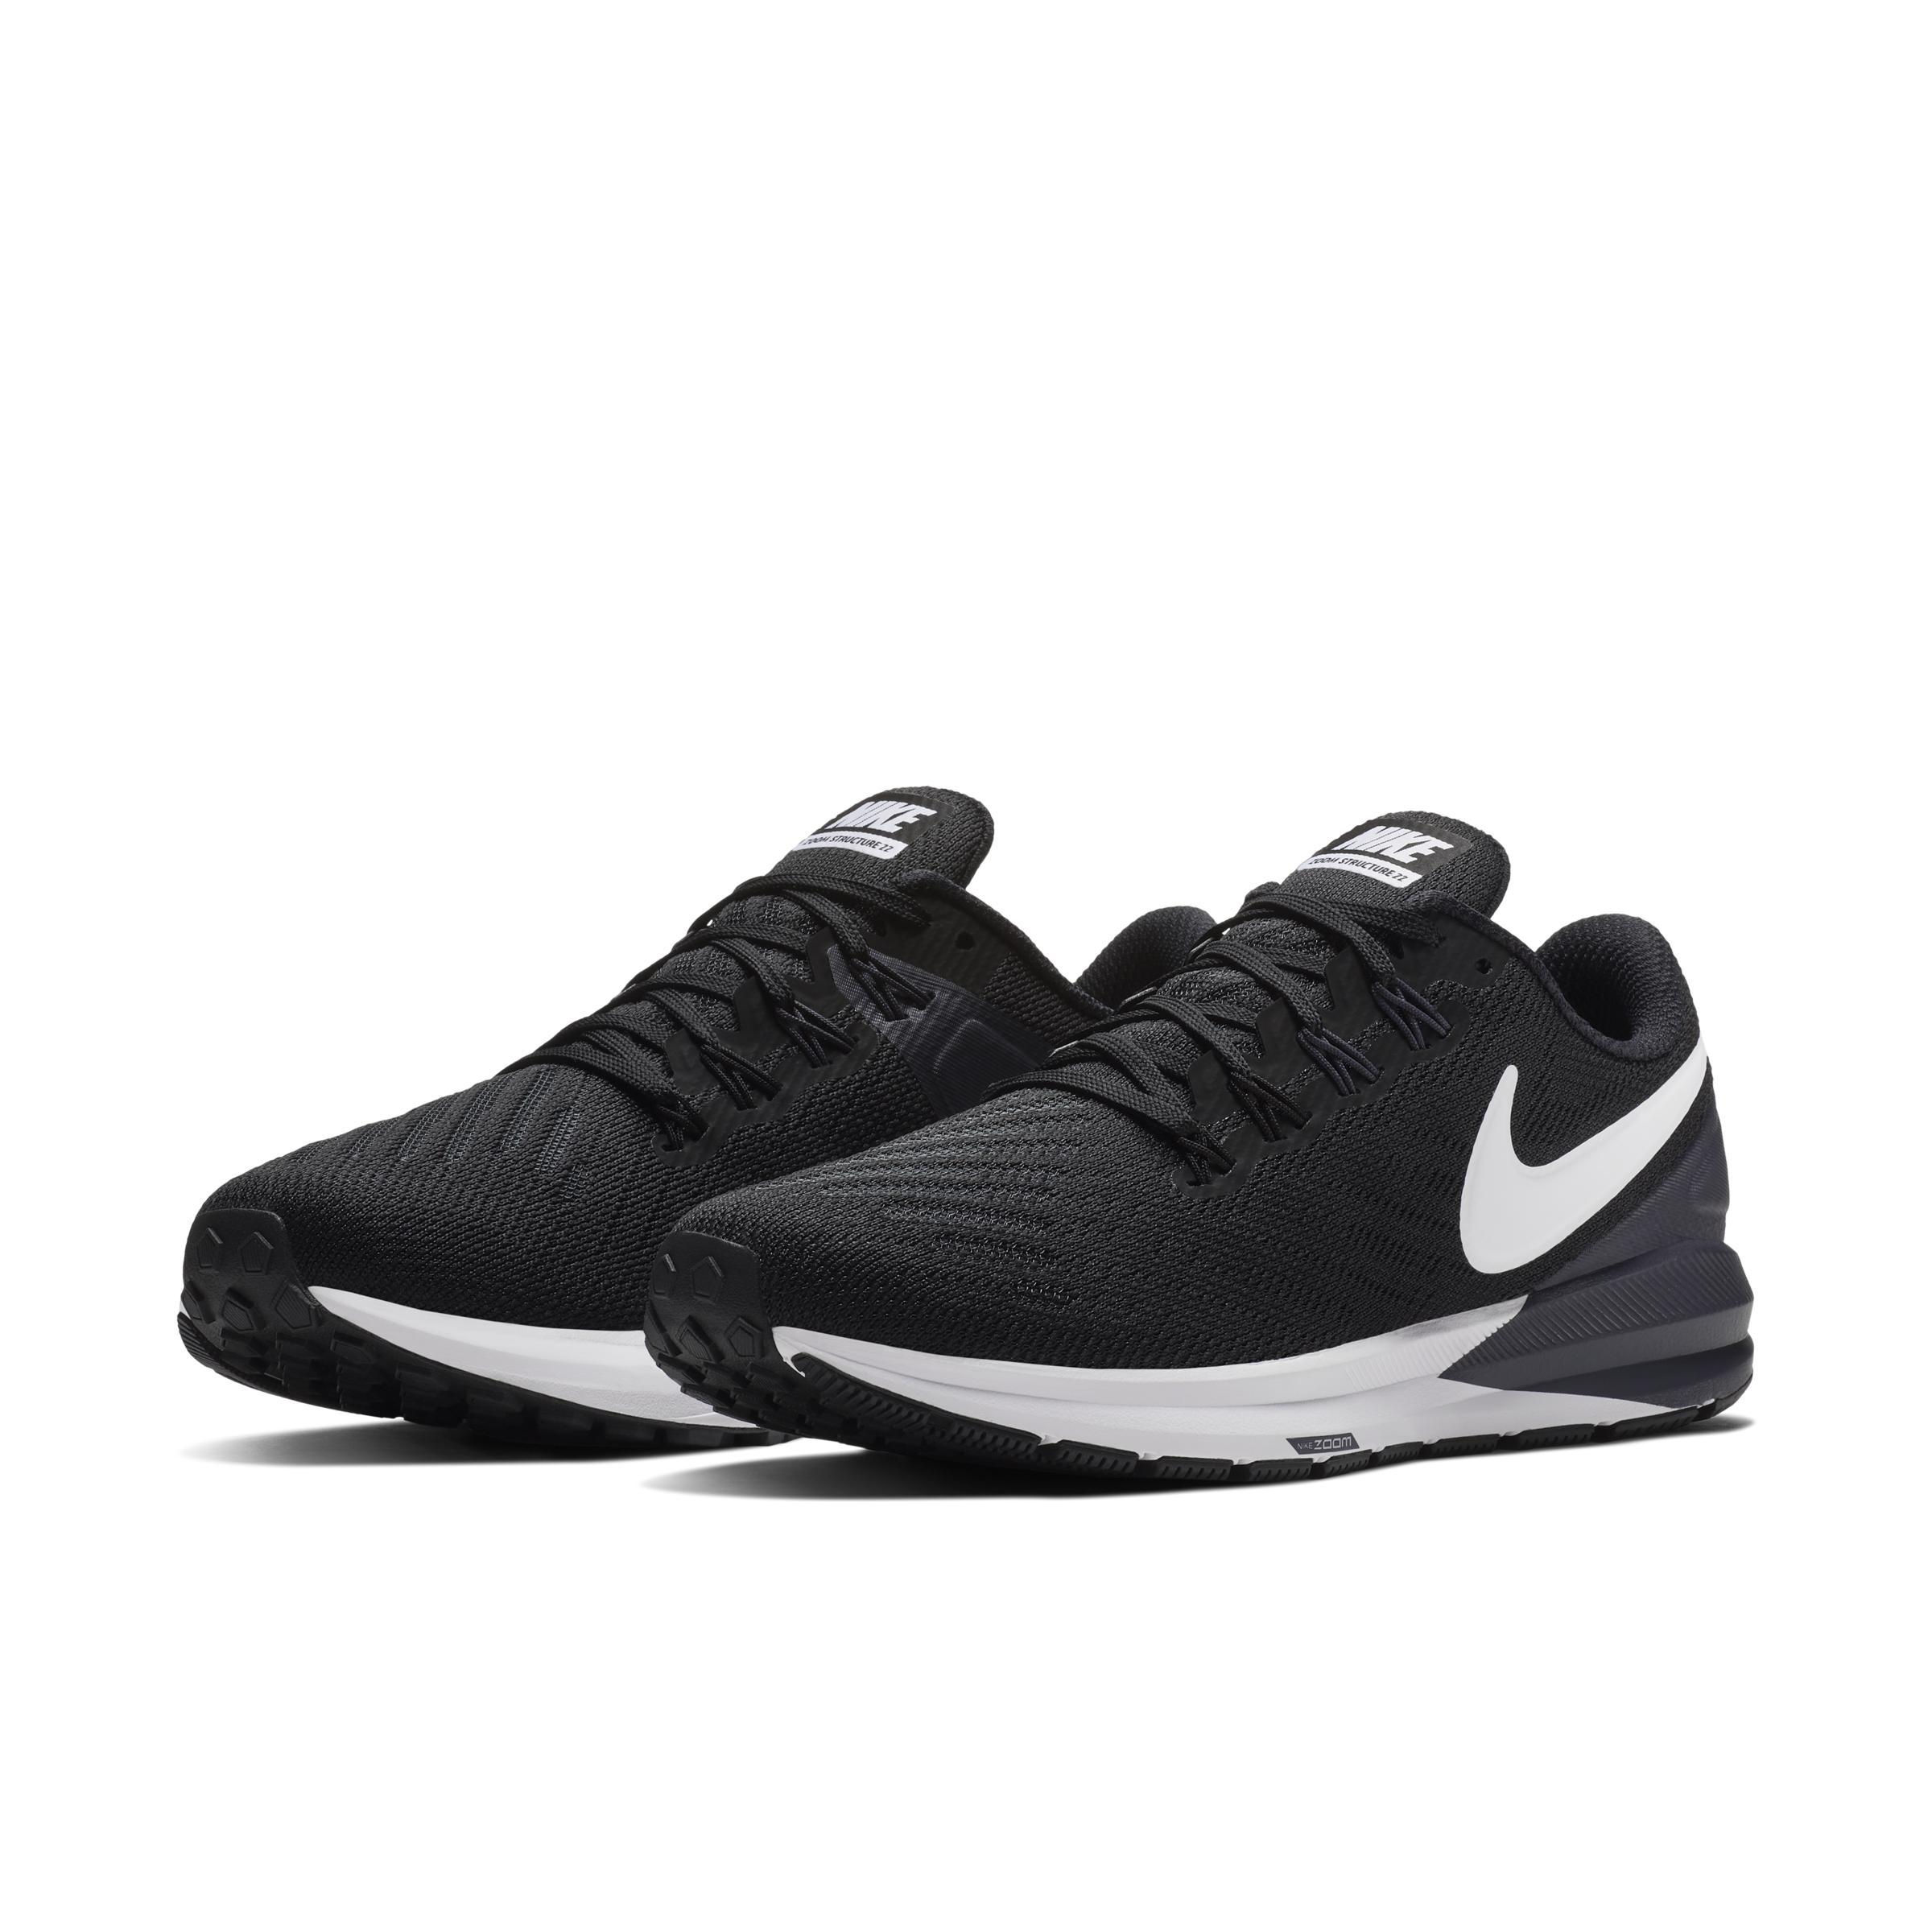 Air Zoom Structure 22 Zapatillas de running Nike de color Negro